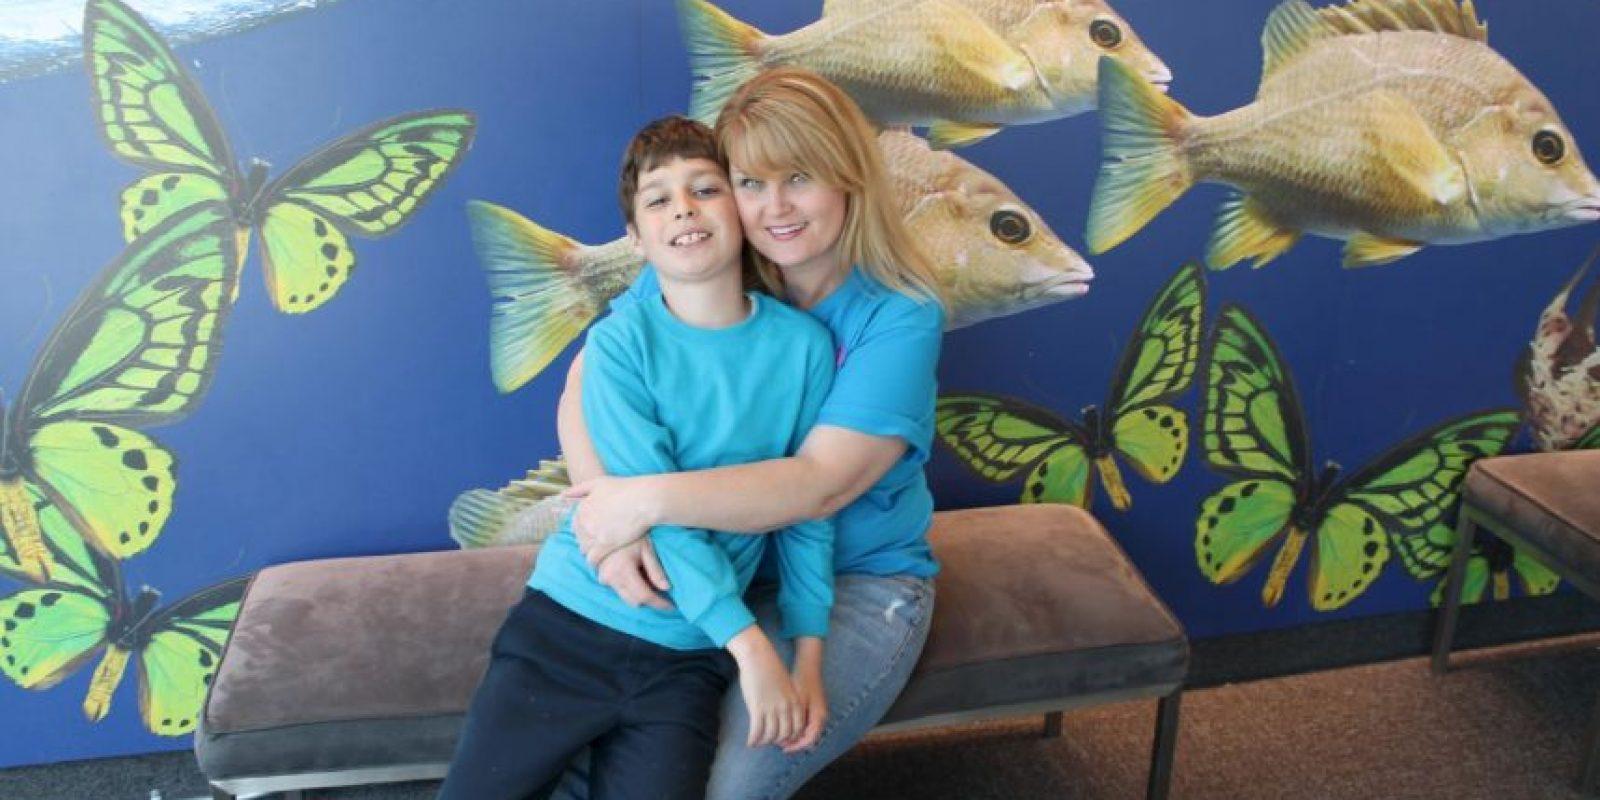 La madre del adolescente sabe lo mucho que él extraña su escuela. Foto:Vía facebook.com/rene.hoover